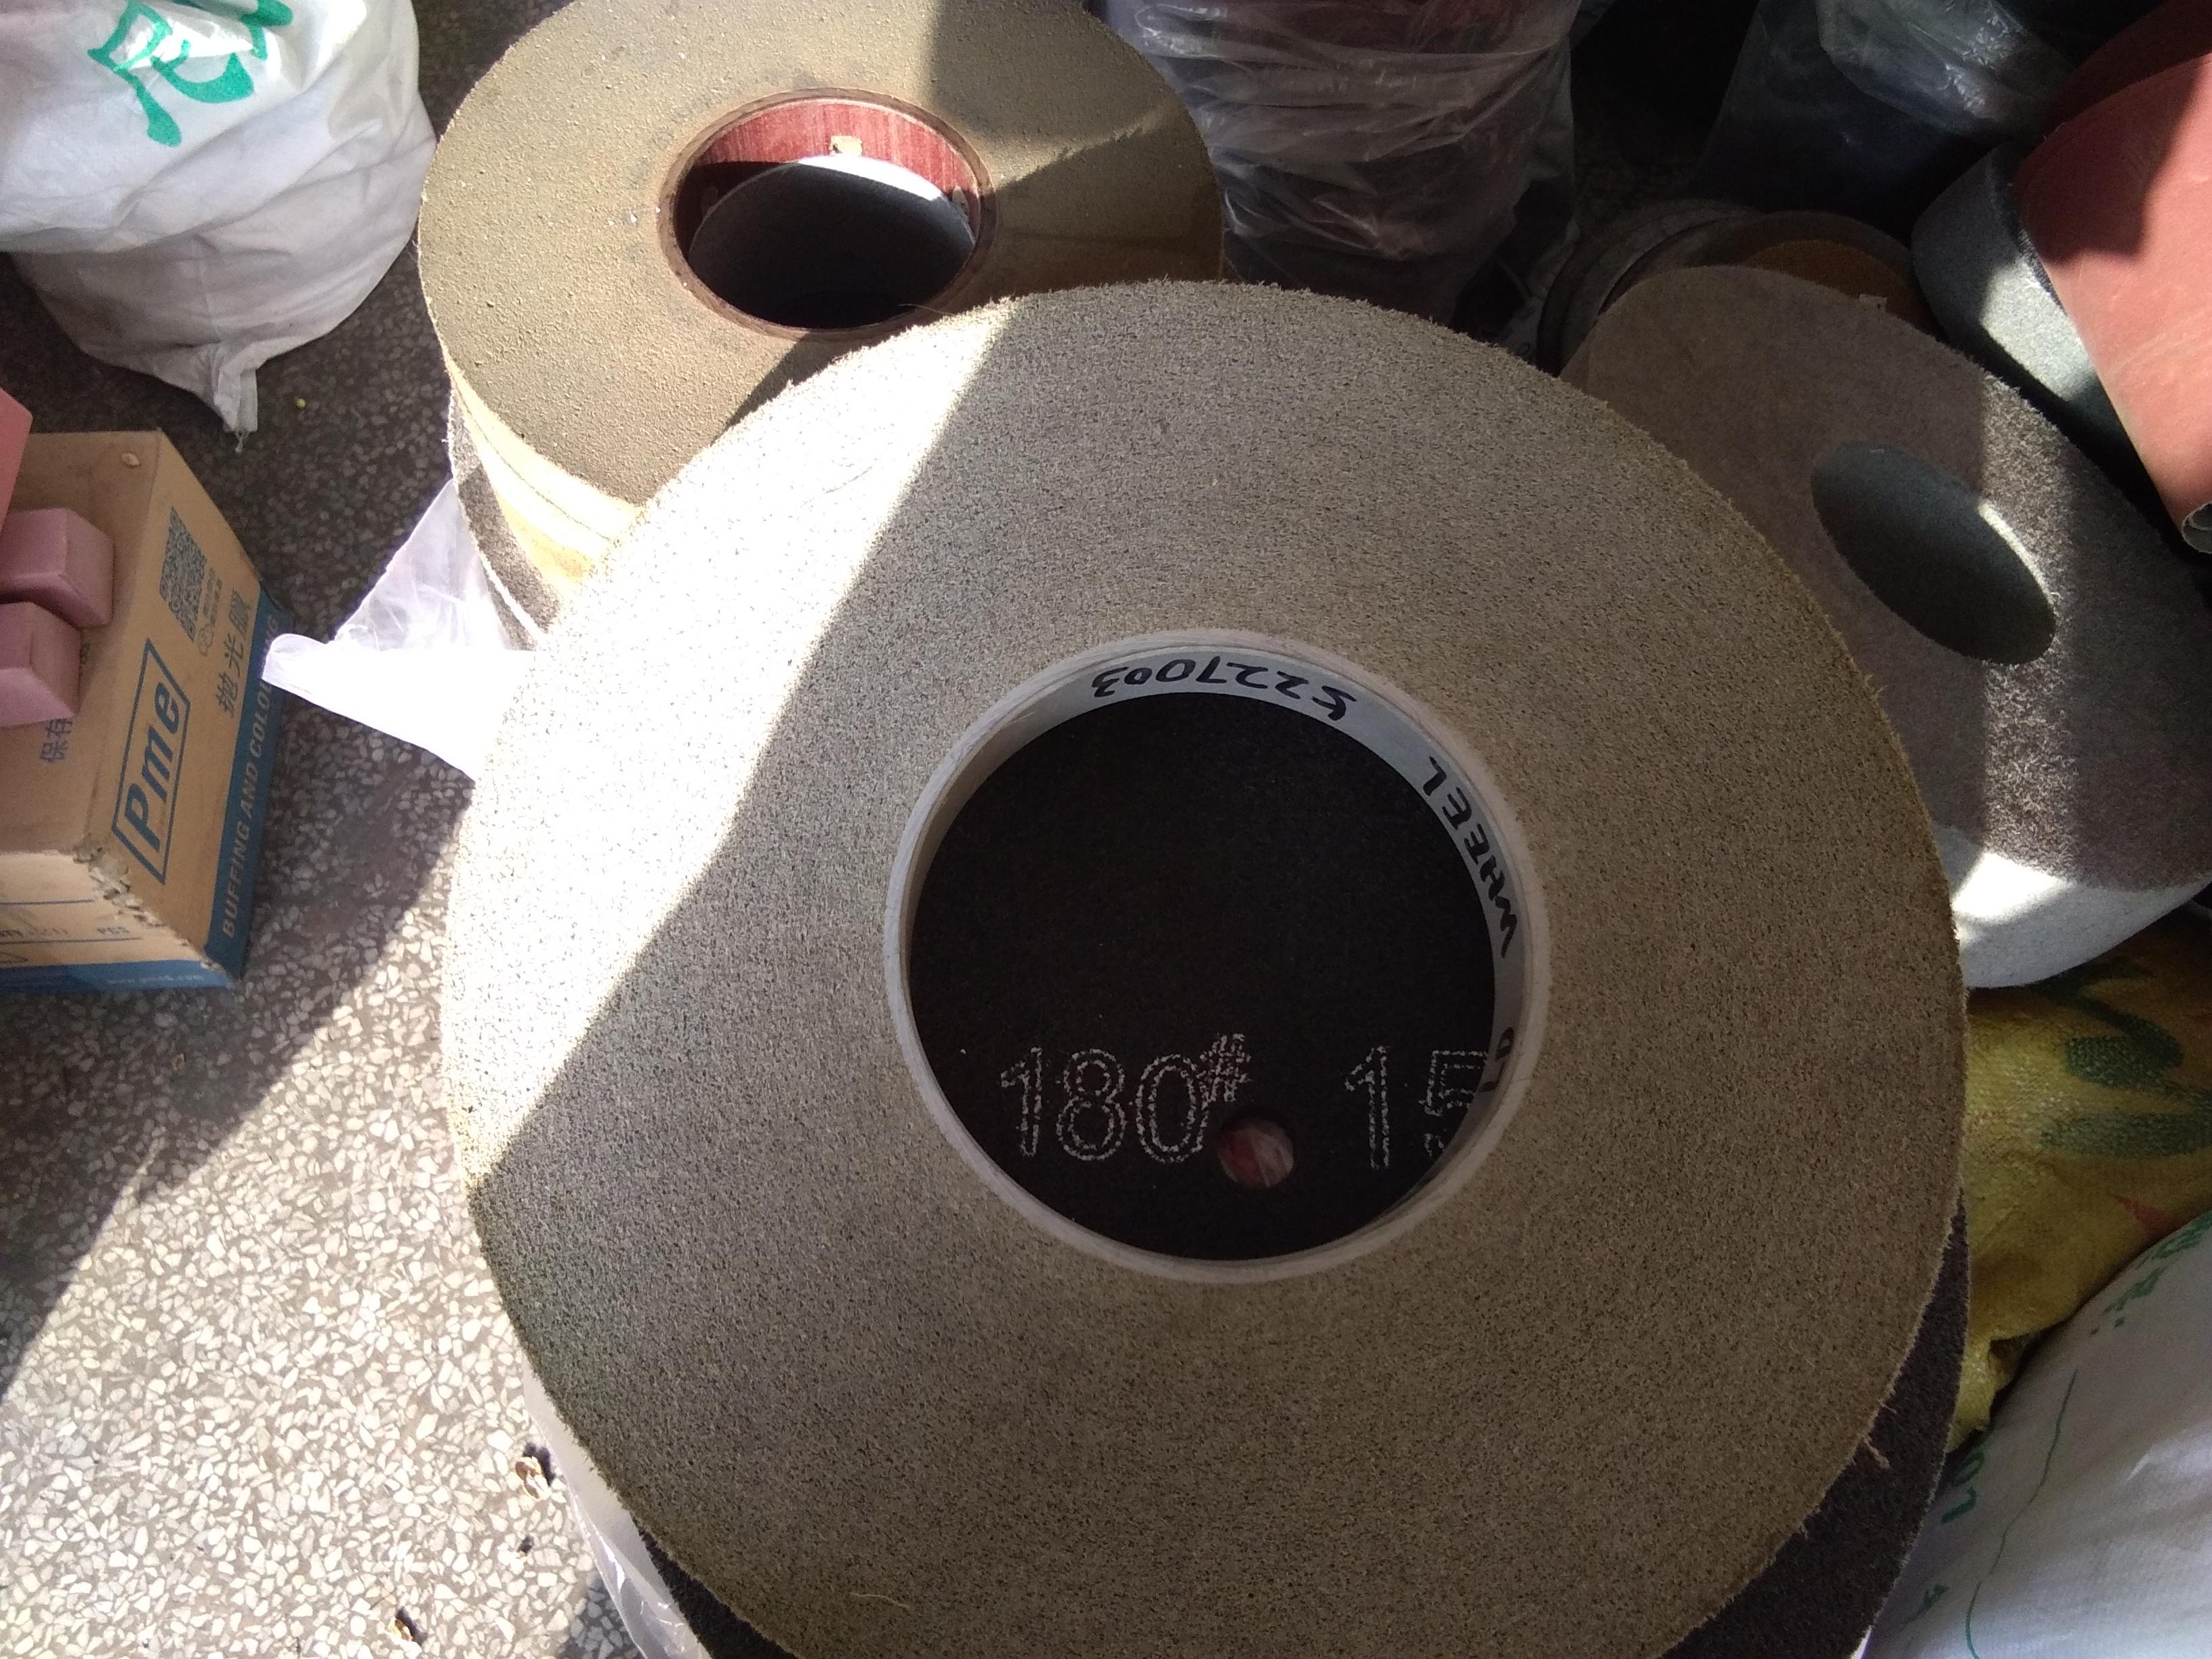 正品 狗仔轮 3M 104号 LD转紧轮 去毛刺轮 胶轮 正品 狗仔轮 3M 104号 回收新旧狗仔轮